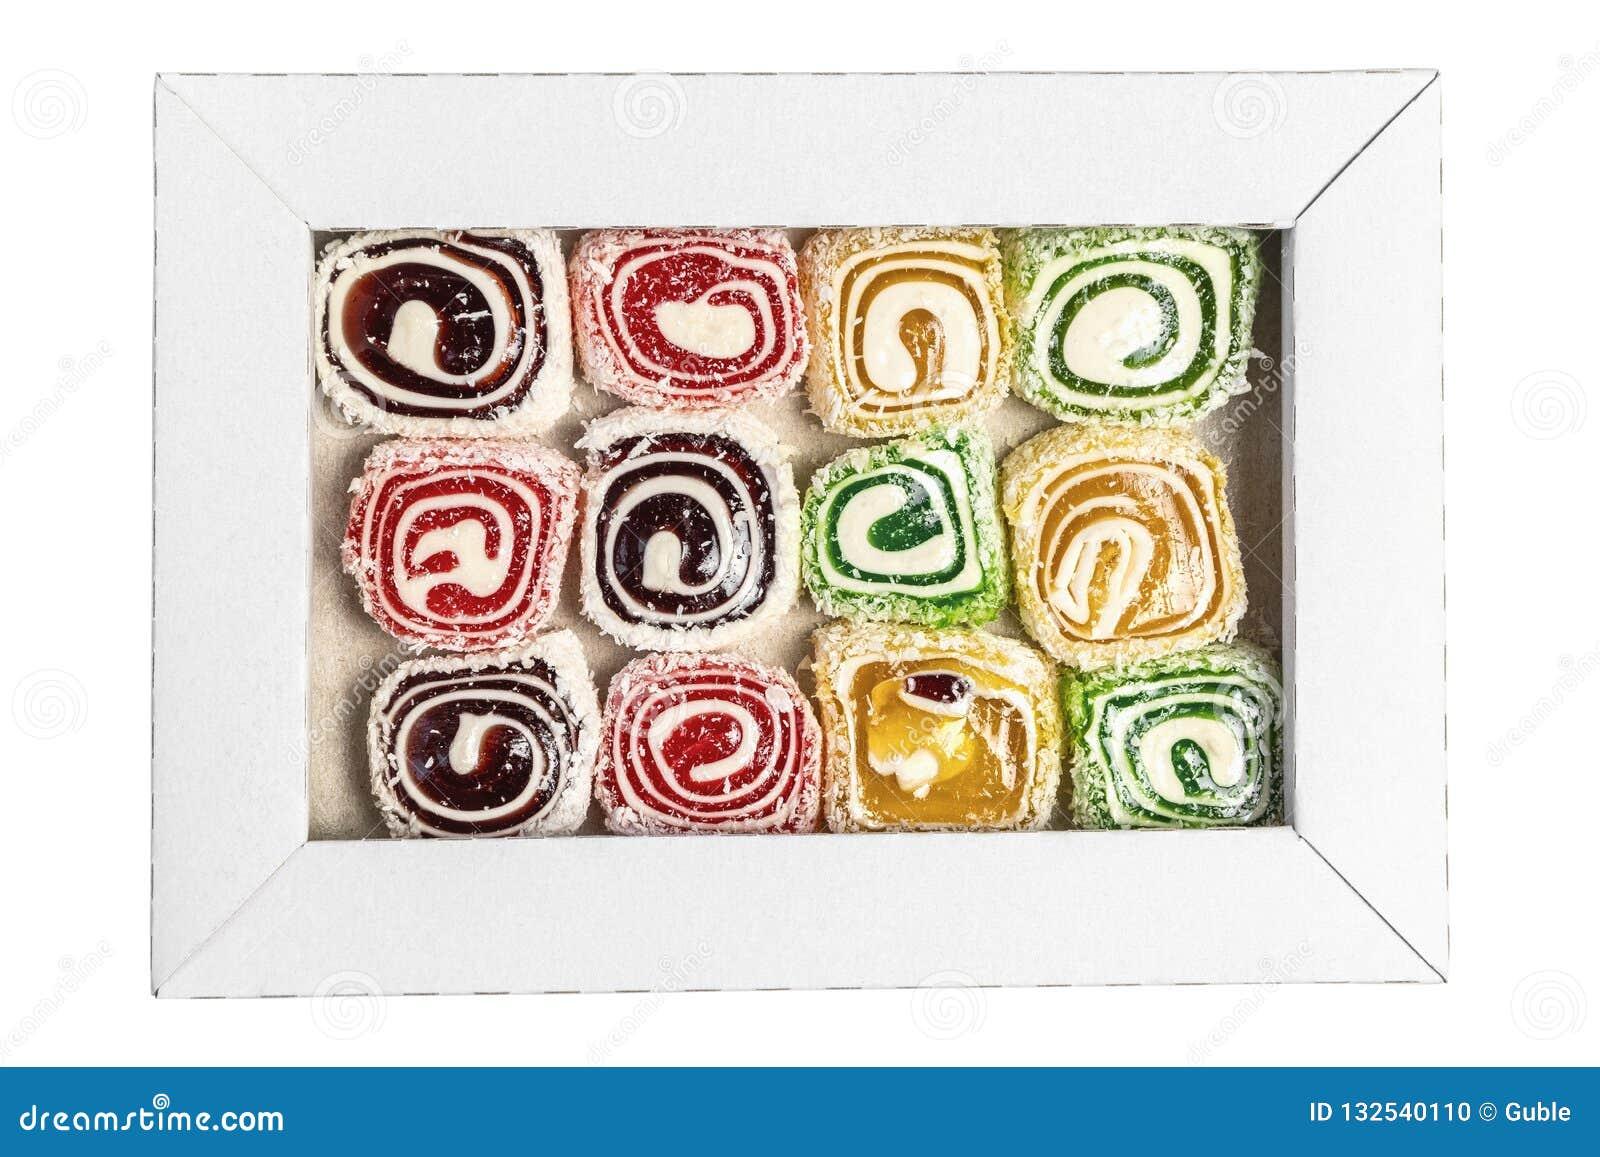 Turkse die verrukking in de doos op een witte achtergrond wordt geïsoleerd Zoet suikergoed in de doos Suikergoedtextuur